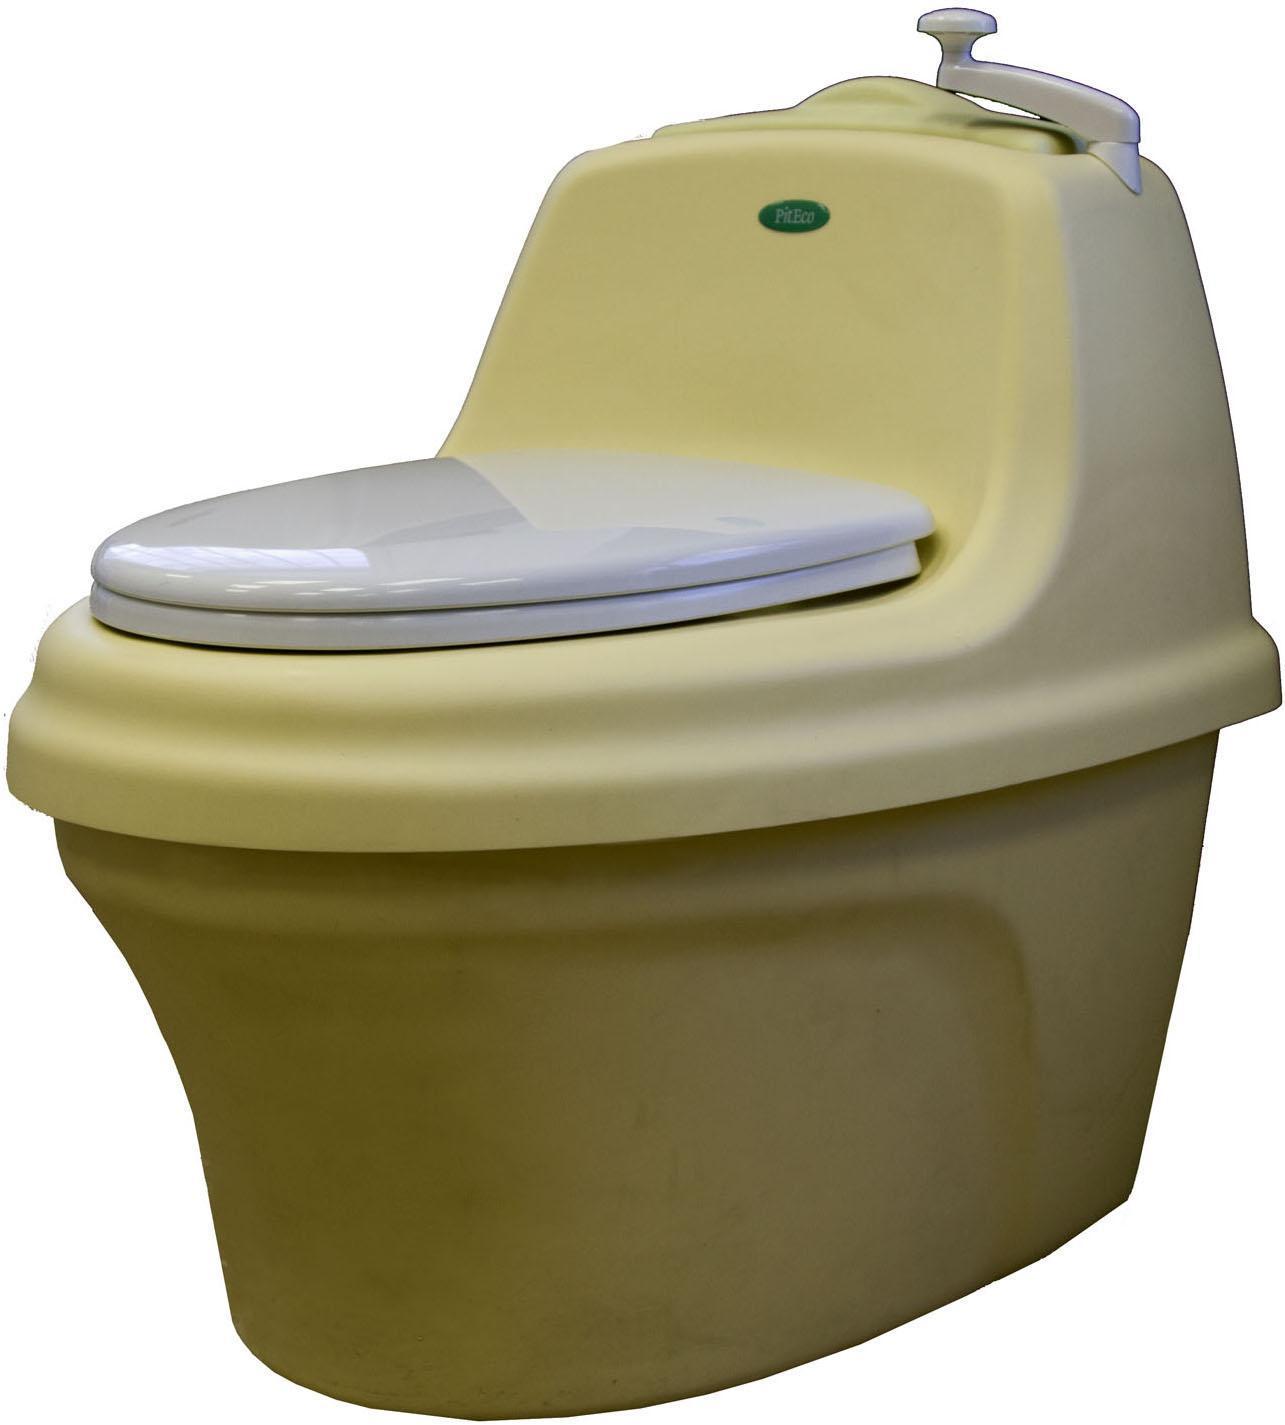 Биотуалет Piteco 201201Торфяной биотуалет Piteco – это автономный компостирующий туалет, которому не требуется подсоединения к системе канализации и водоснабжения. Конструкция биотуалета разработана с целью создания максимально благоприятных условий для компостирования органических отходов.Комплектация: соединительная муфта x1, комплект труб x1, совок x1, шланг для дренажа с хомутами x1, торфяная смесь 30л. x1, труба вентиляционная (длина 80 см, диаметр 75 мм) с соединительными муфтами x4, дренажный шланг x1, гофрошланг с соединительными хомутами x1